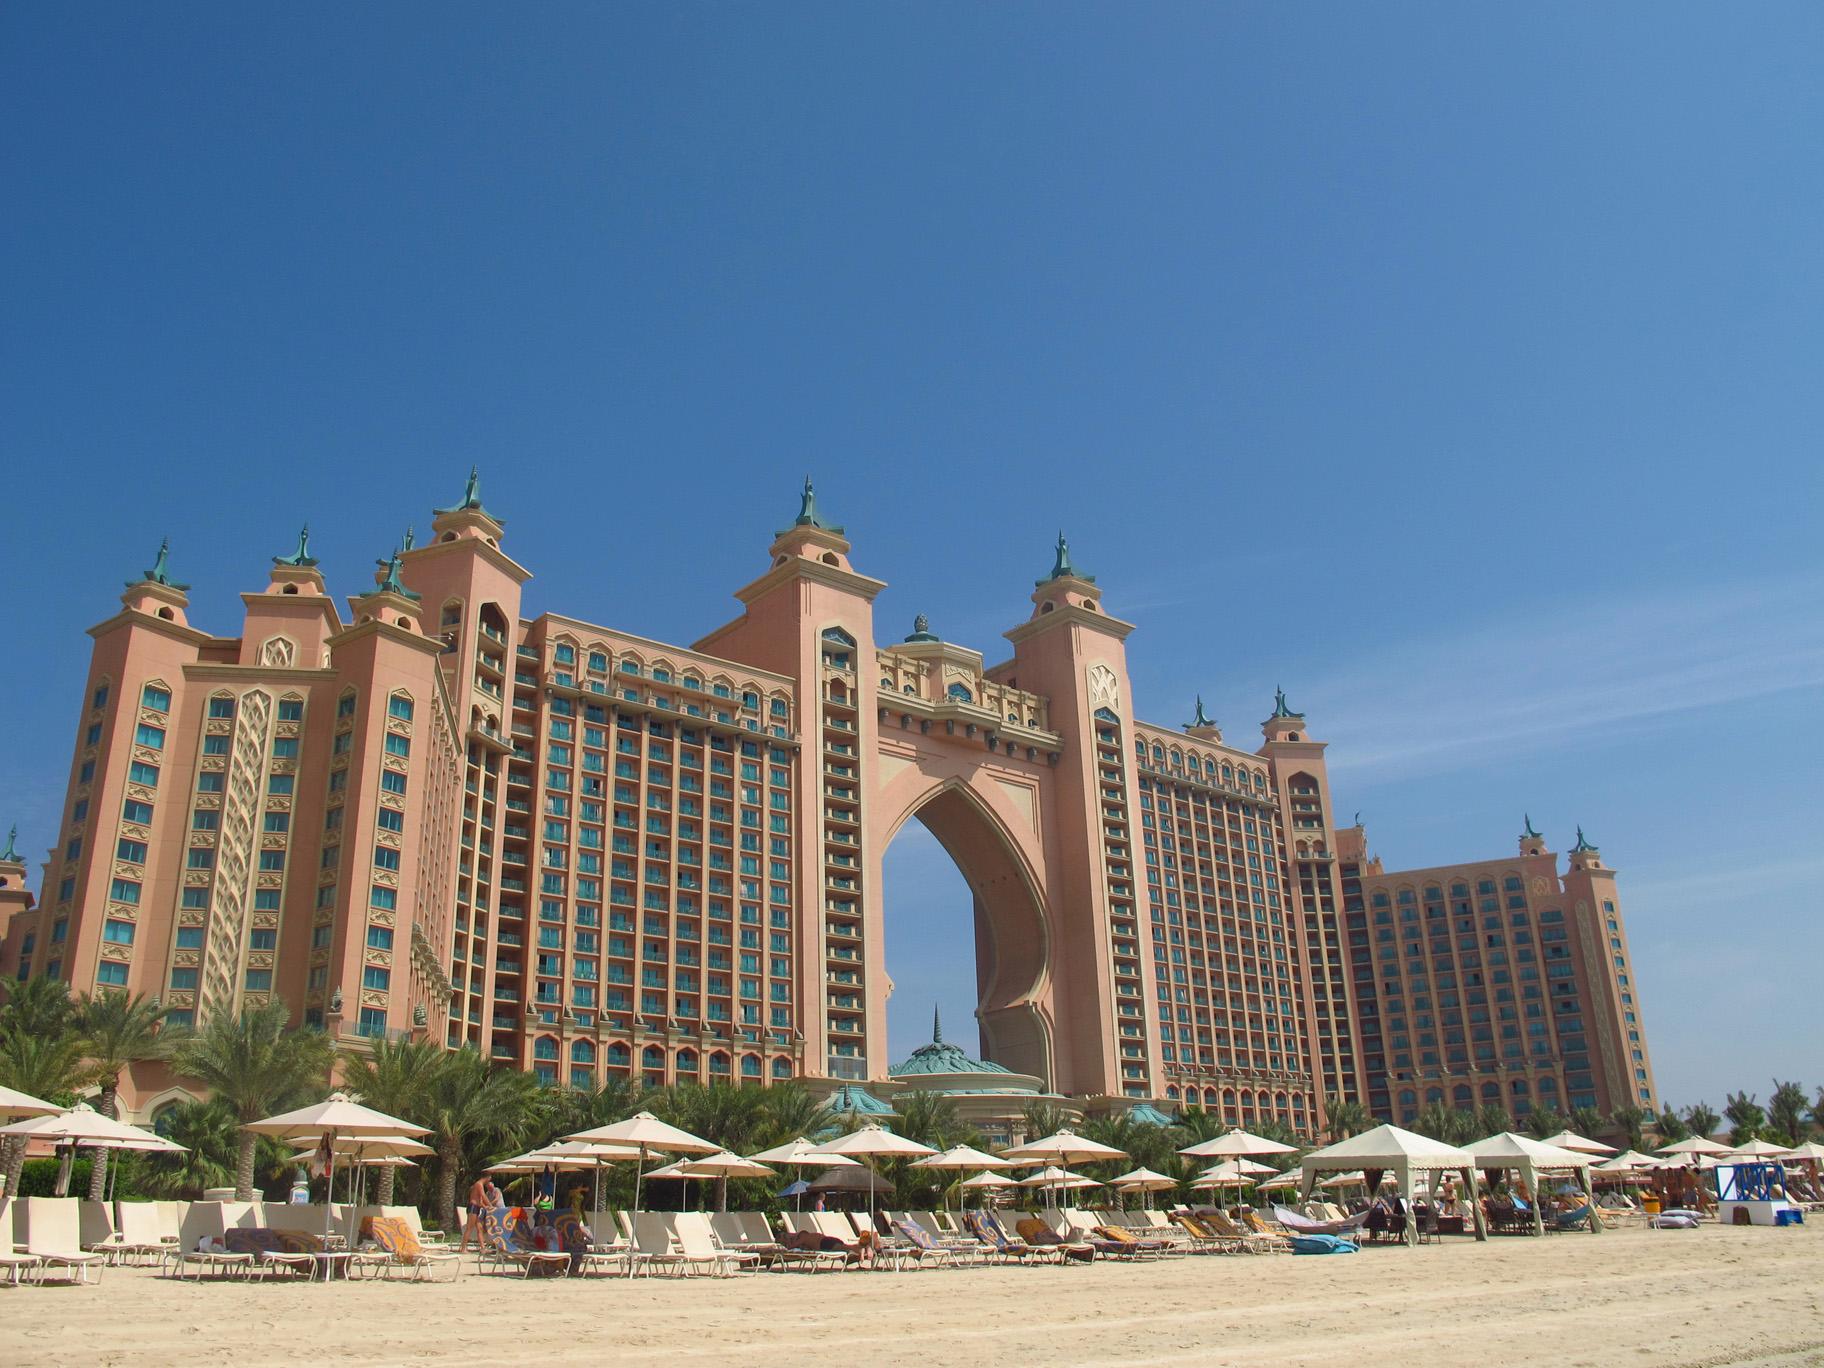 Complexe de loisirs Atlantis - Dubaï